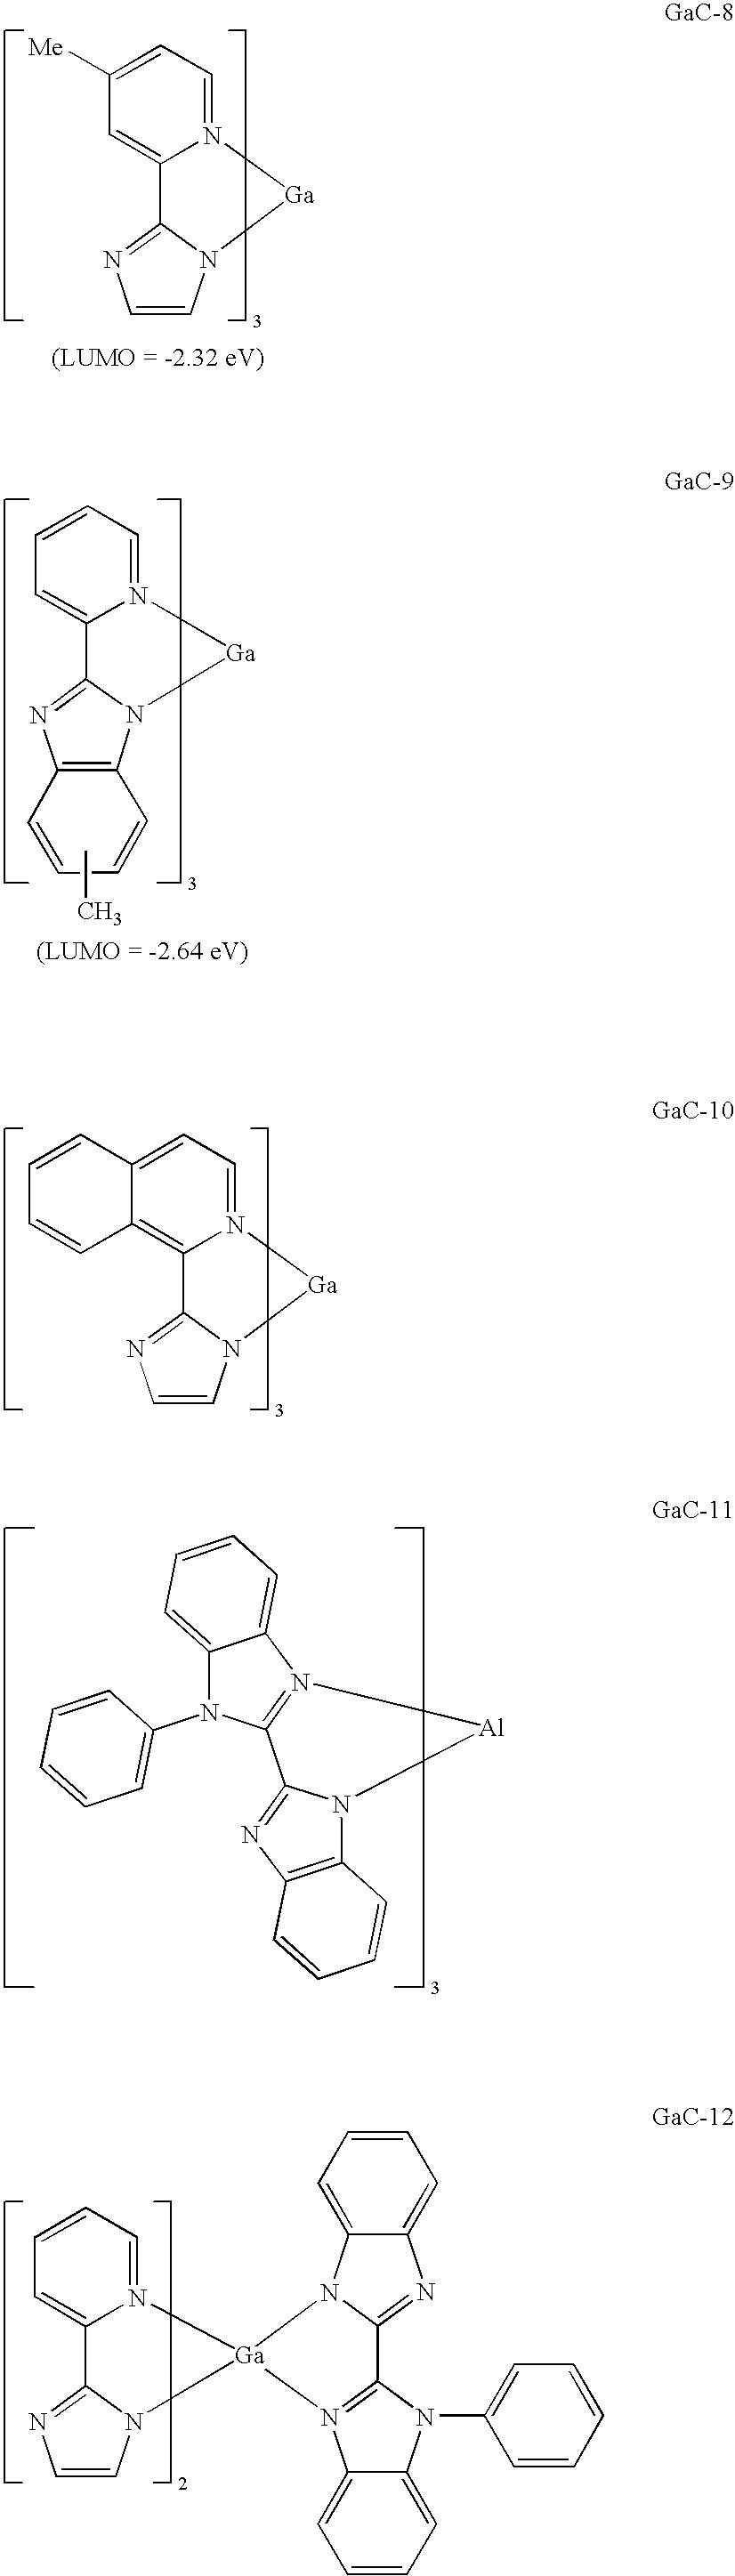 Figure US20090001885A1-20090101-C00005